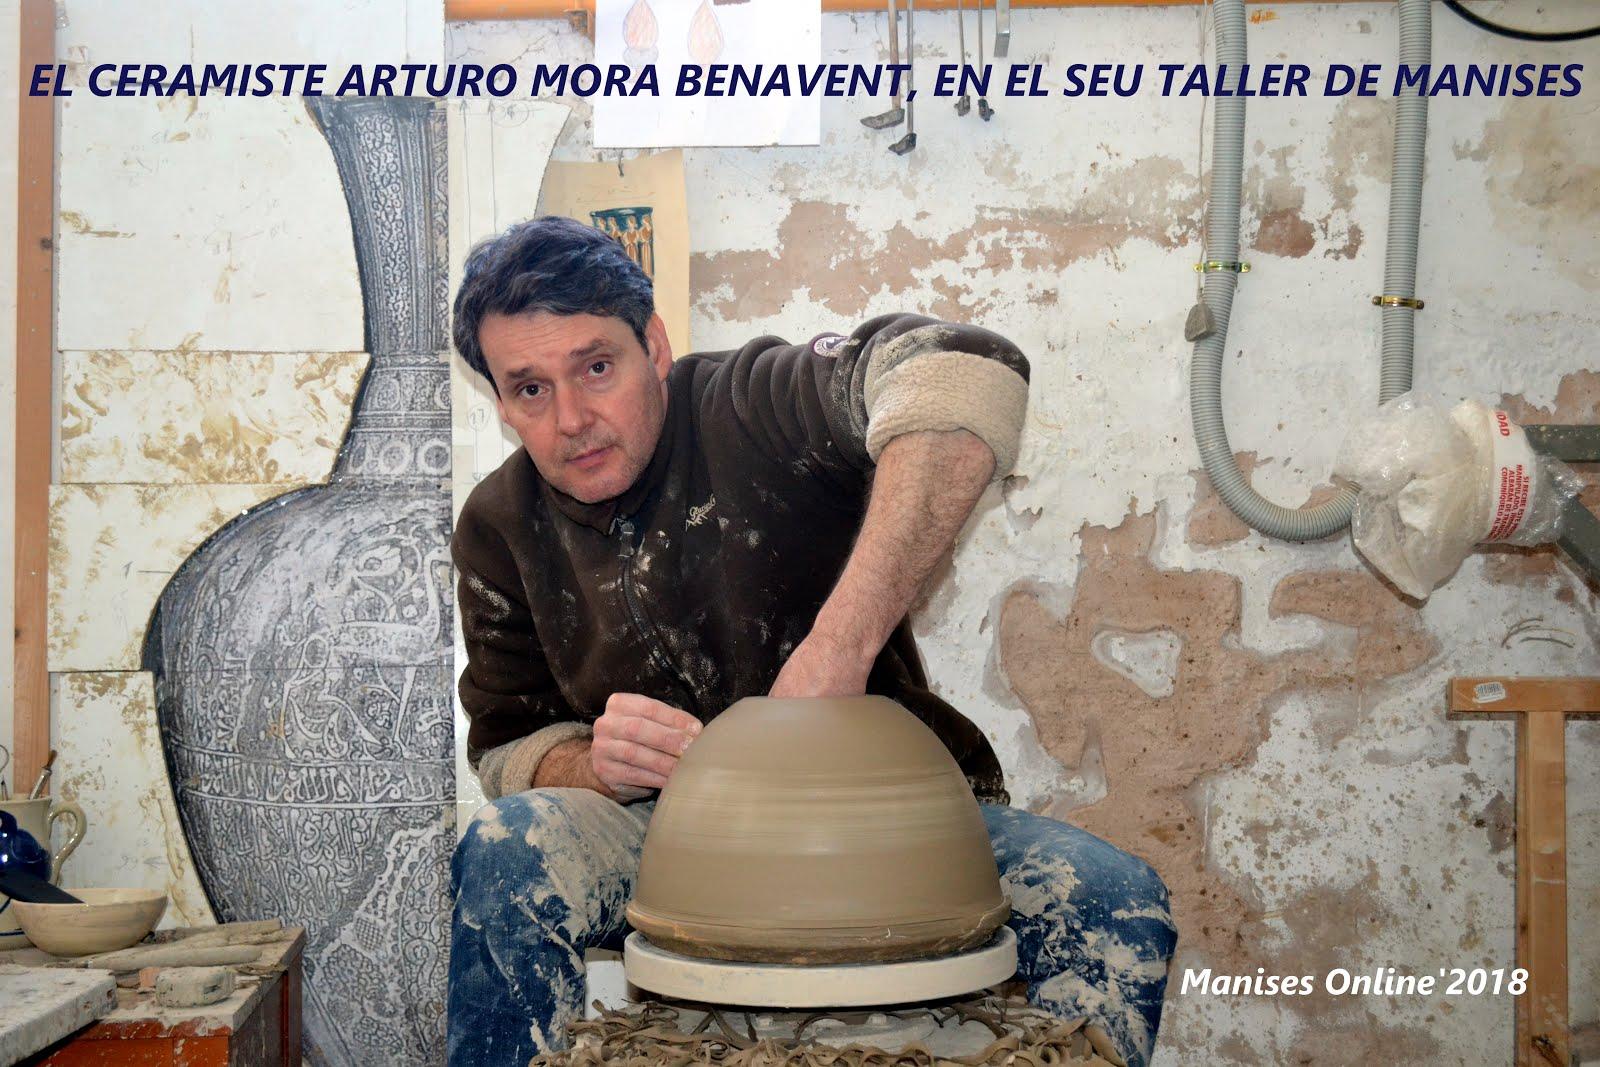 22.02.18 PARROQUIA DE SANT JOAN BATISTE, OBRES DE CONSERVACIÓ I MANTENIMENT